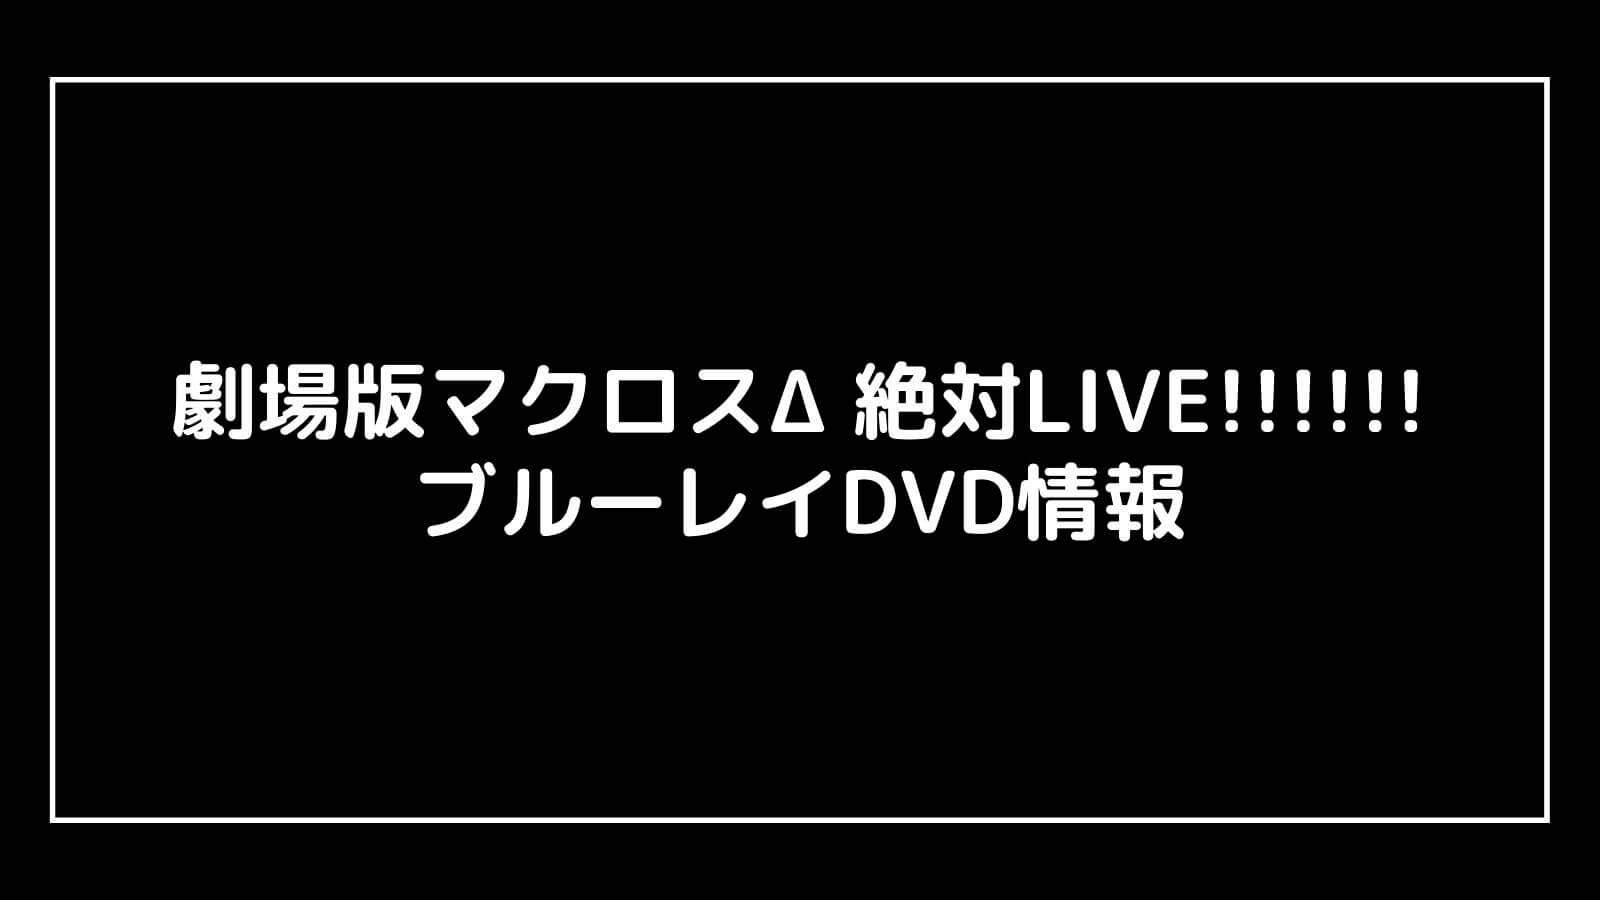 映画『マクロスΔ 絶対LIVE!!!!!!』のDVD発売日と予約開始日はいつから?円盤情報まとめ